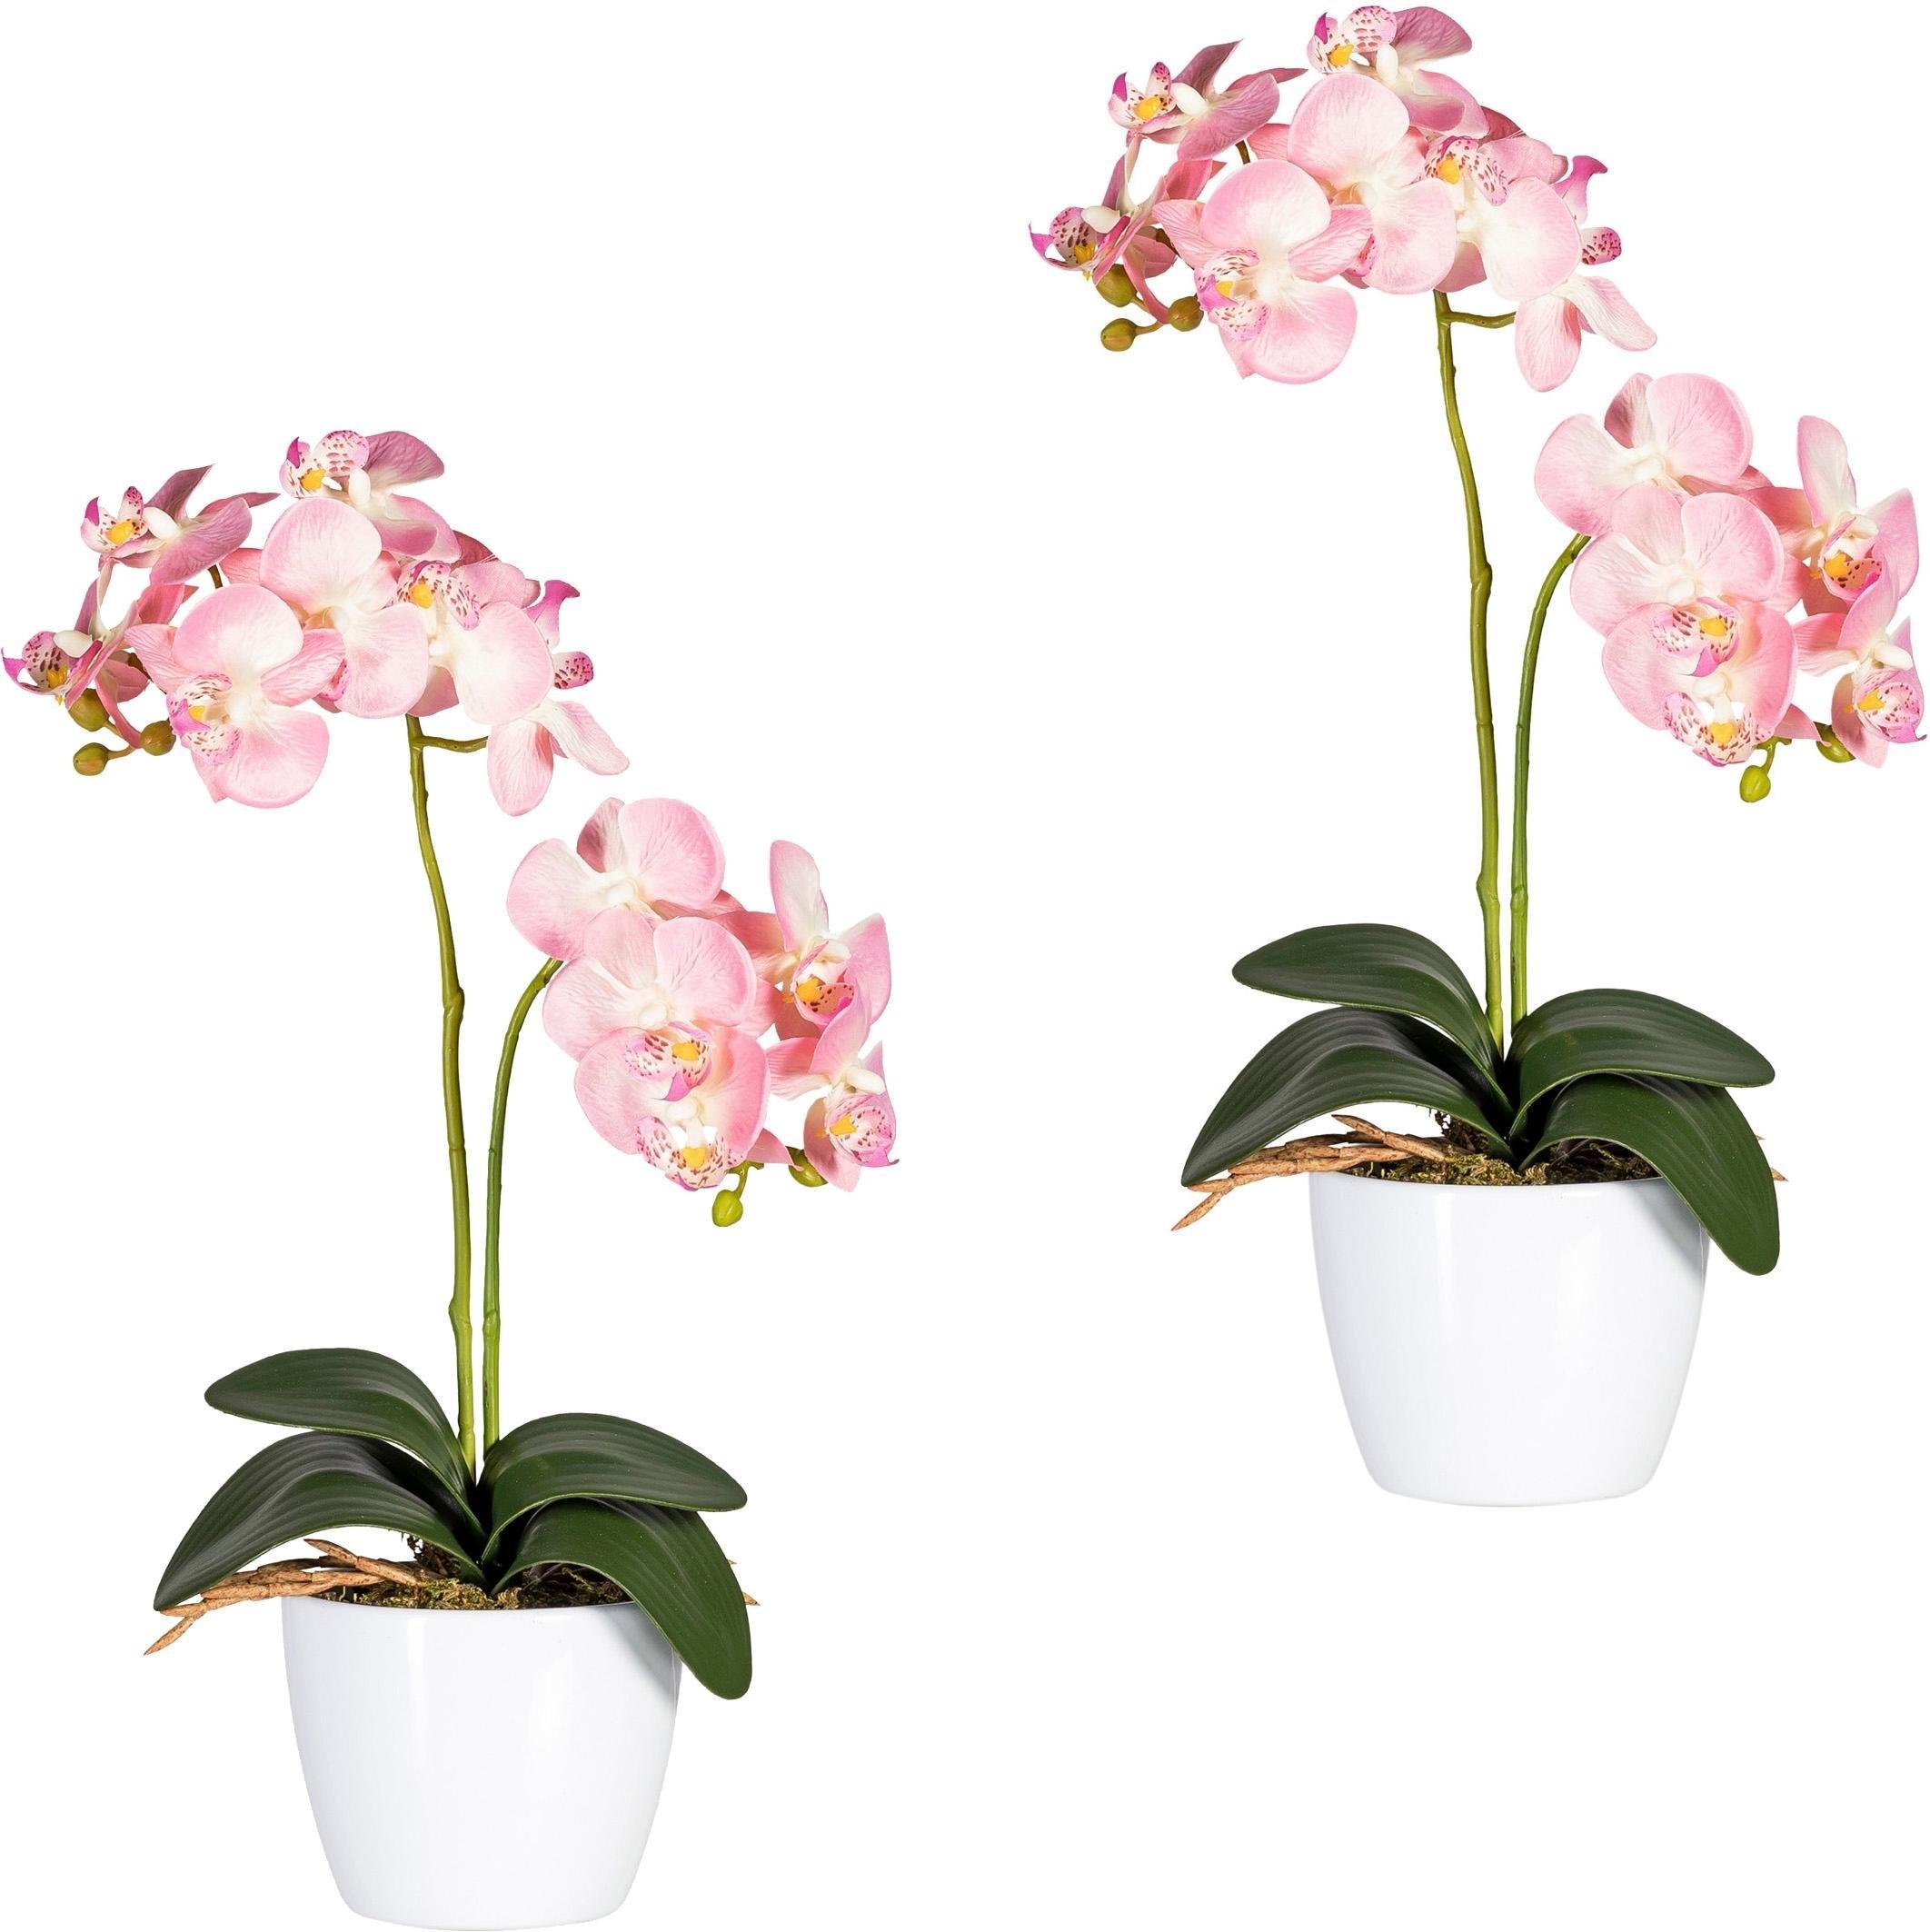 Creativ green kunstplant Vlinderorchidee (set, 2 stuks) goedkoop op otto.nl kopen